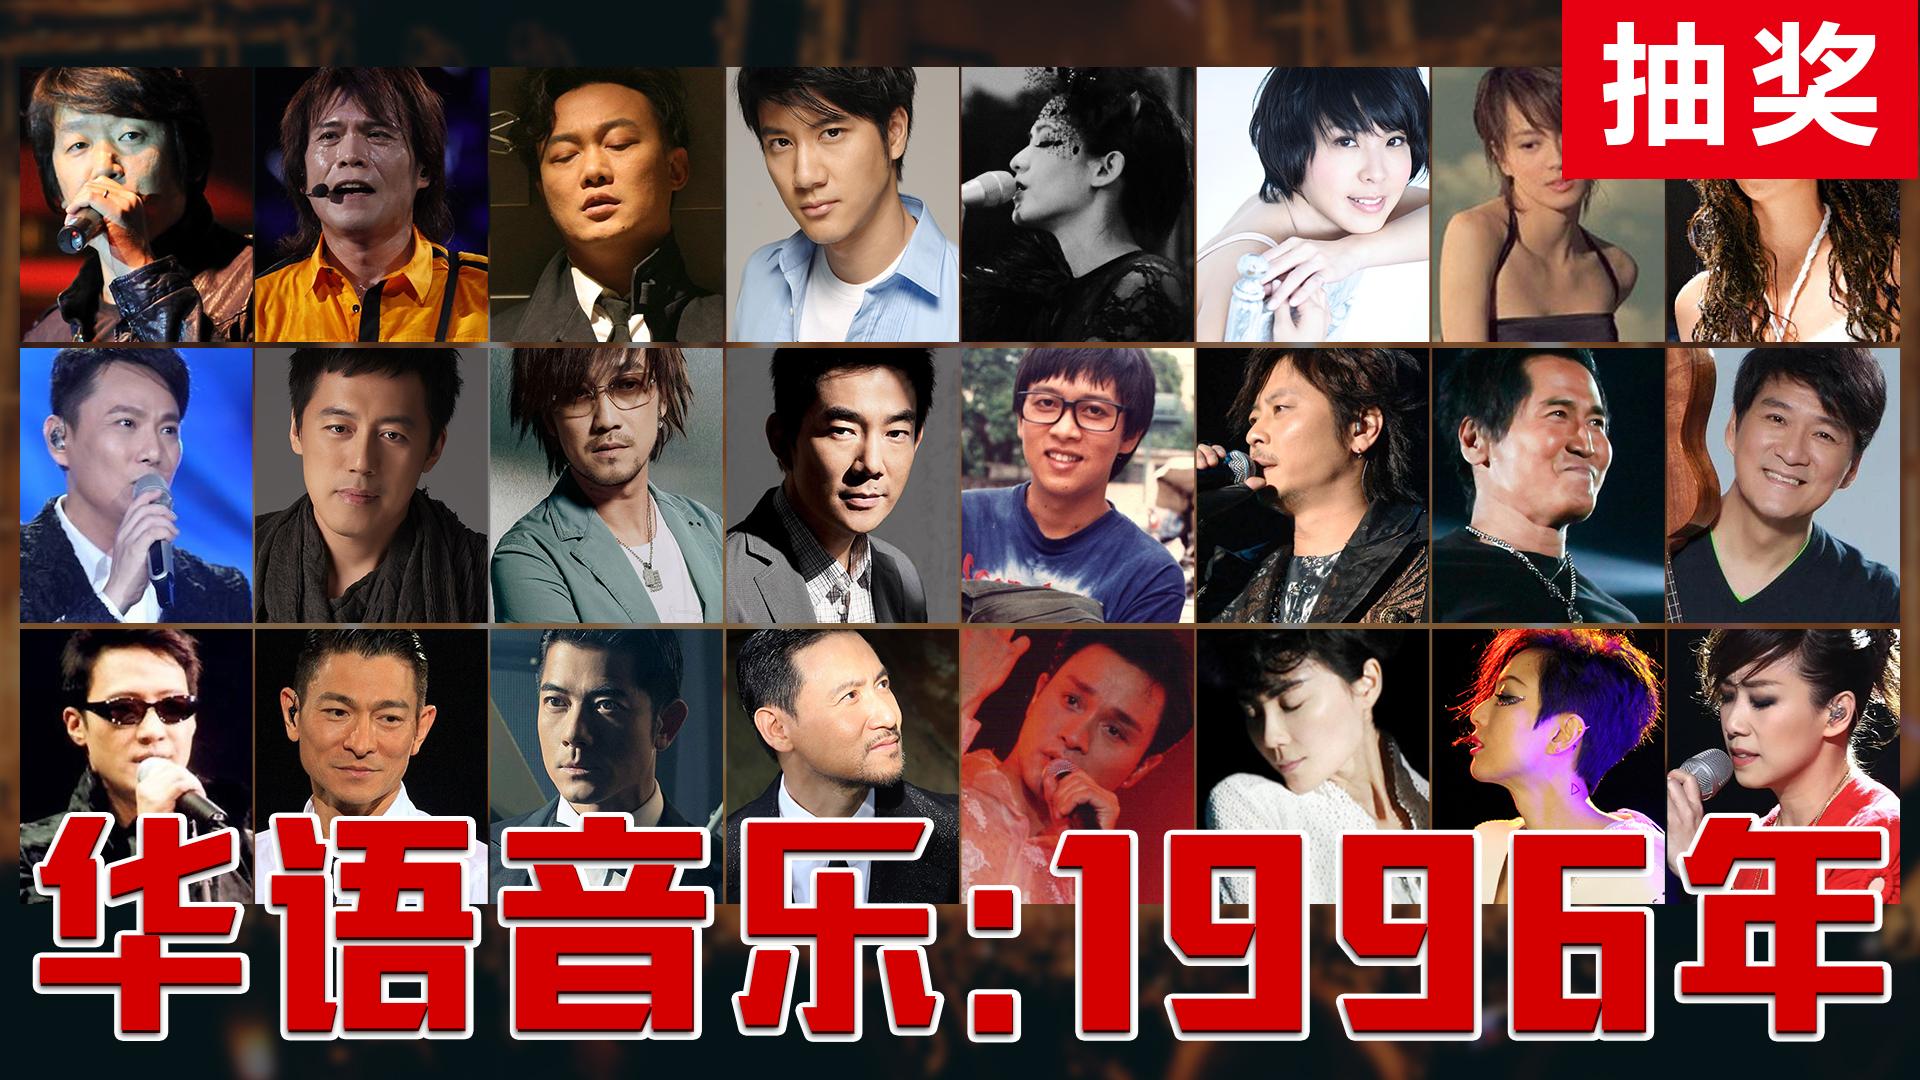 华语音乐1996年,首首都是经典佳作!(评论抽保温杯)